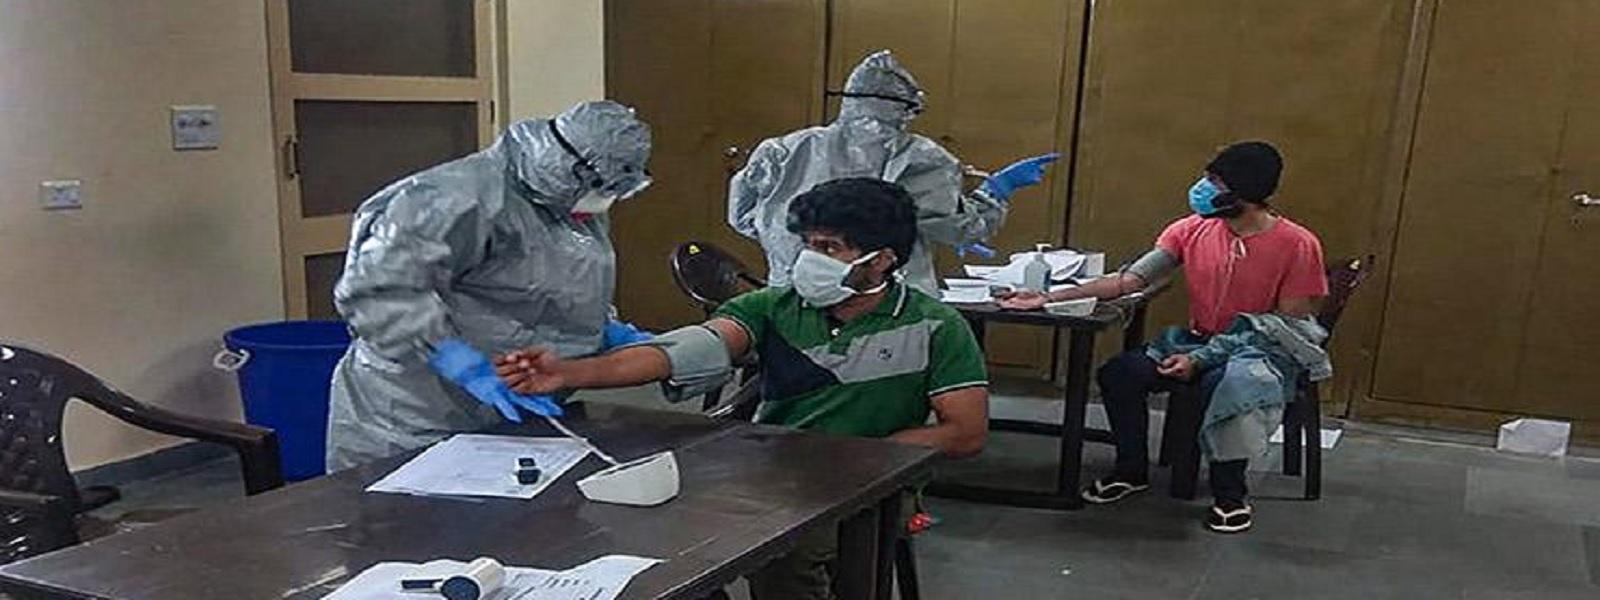 இந்தியாவில் 511 பேருக்கு கொரோனா தொற்று: 10 பேர் உயிரிழப்பு